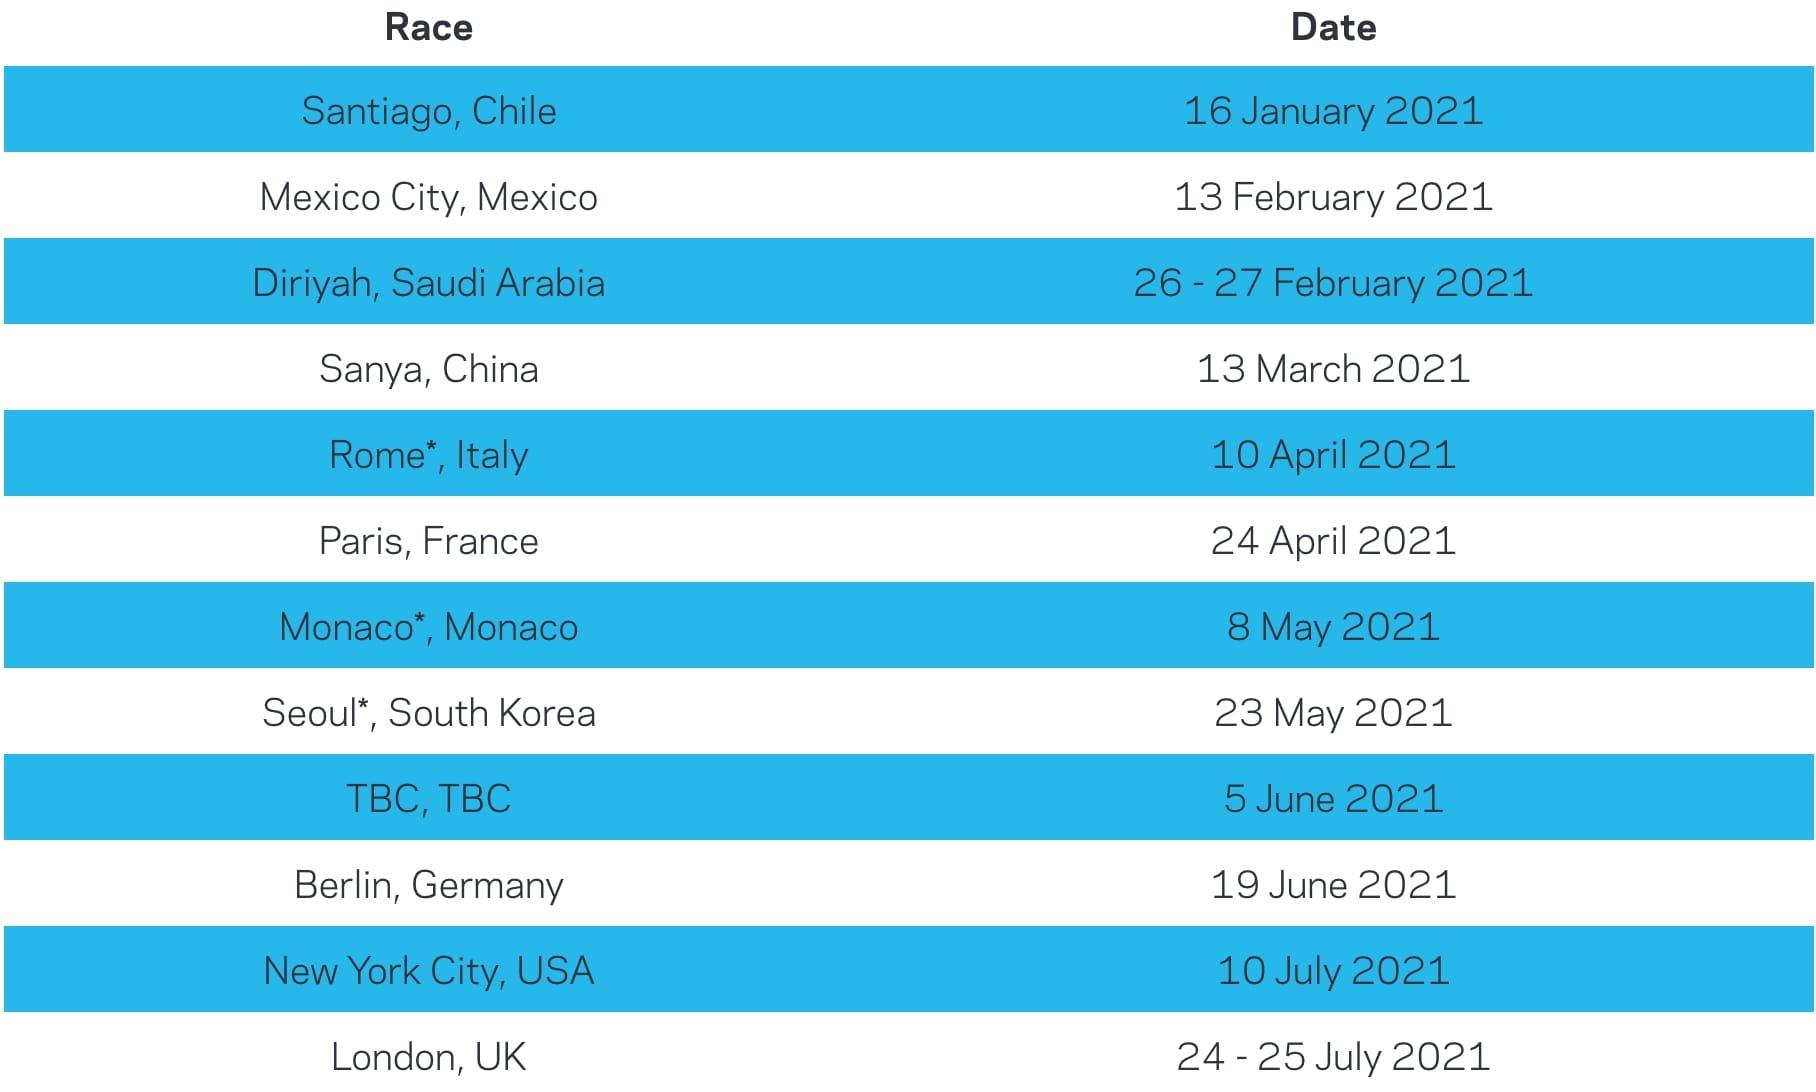 Calendrier Formula E 2021 calendrier Formula E saison 7 2020 2021 | Les Voitures